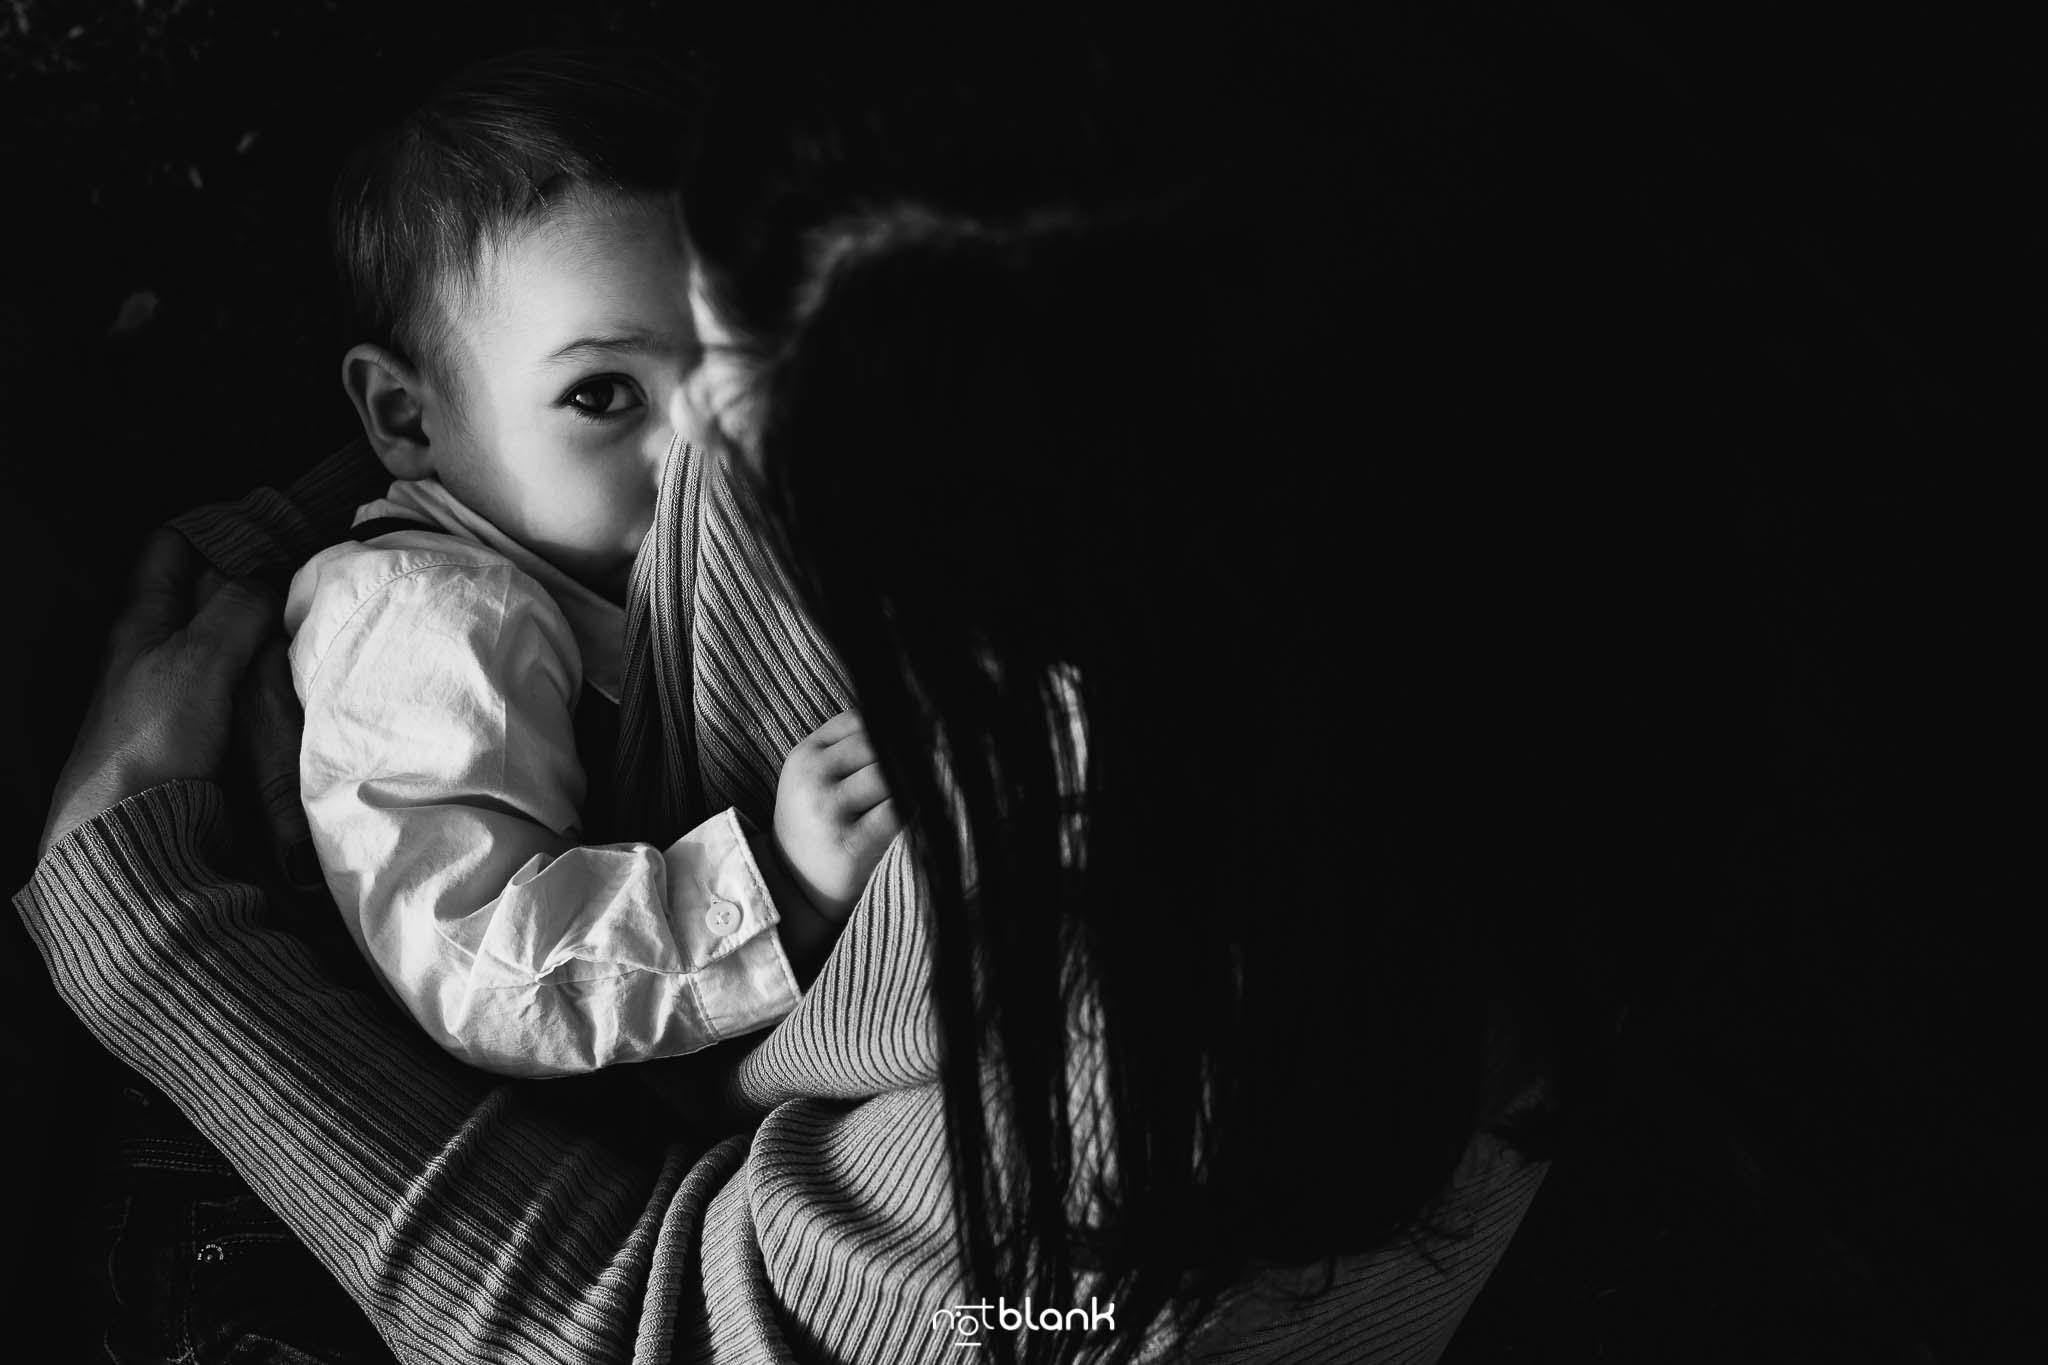 Preboda Familiar Cabo Home -Cangas- Notblank Fotógrafos de boda en Cangas